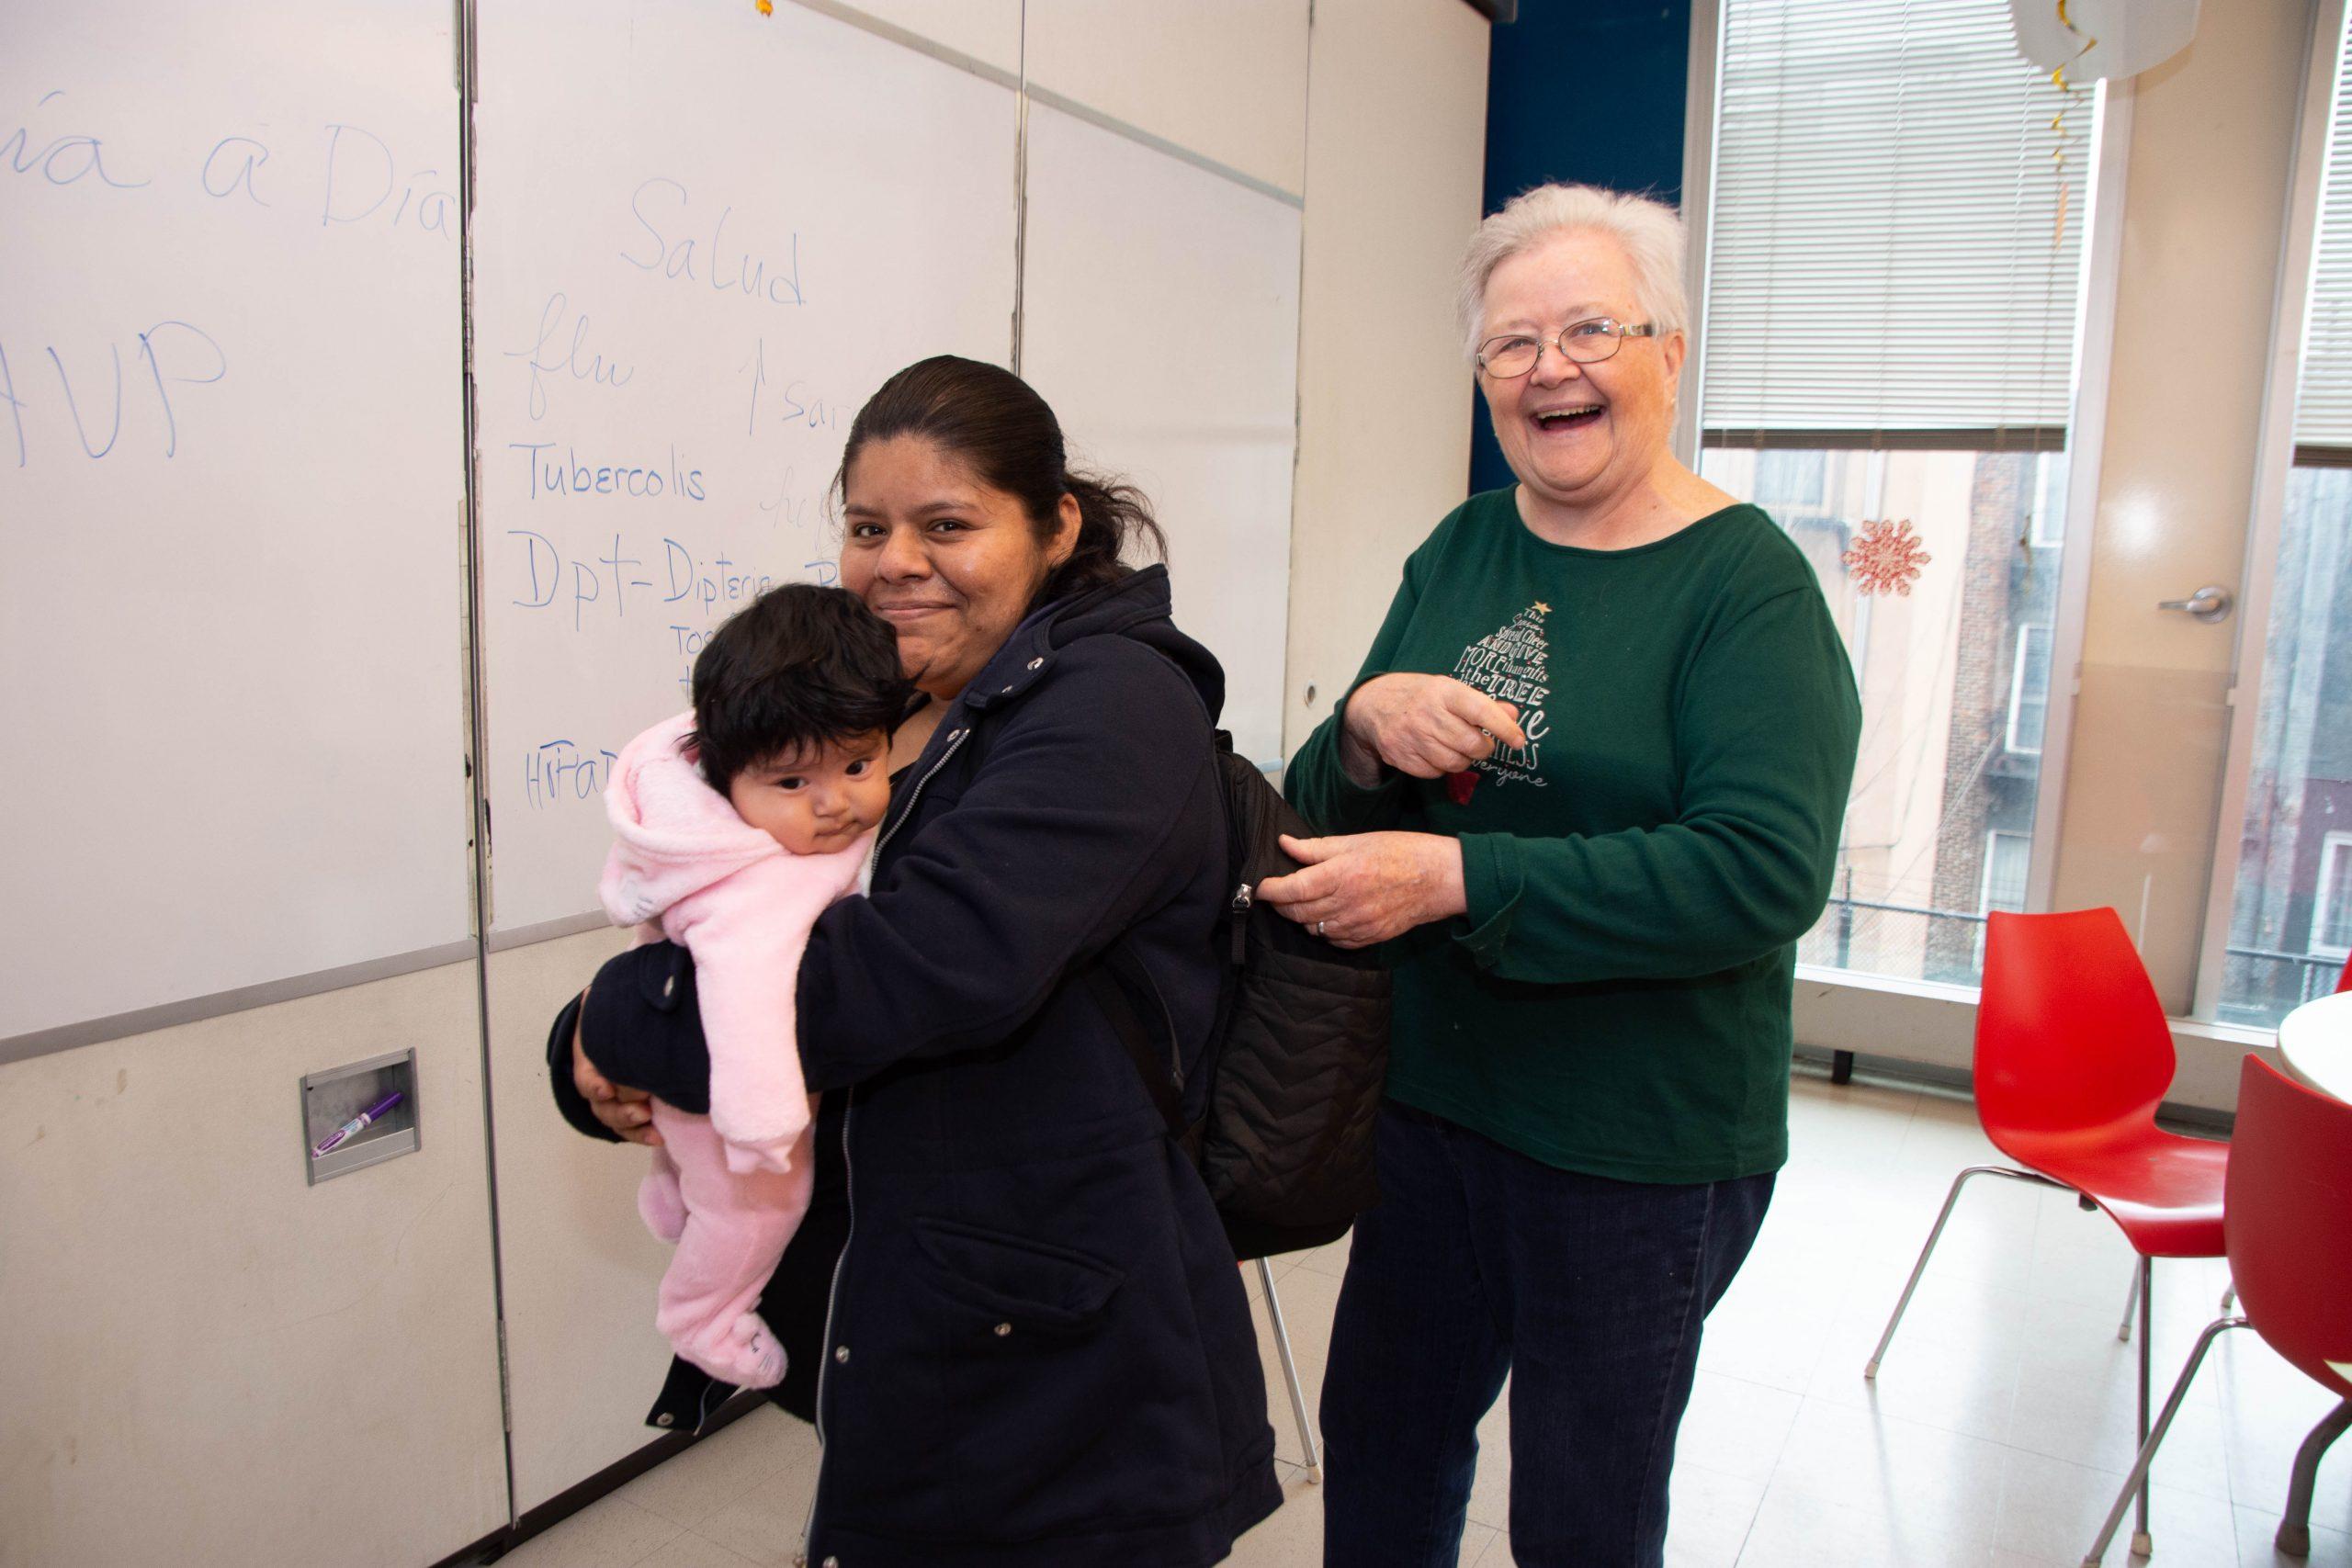 """Compartiendo un momento de alegría en el Servicio de Salud Familiar de LSA, donde la Hermana Suzanne dicta clases como la de Día a día con tu bebé (""""Day by Day with Your Baby""""). Antes de «retirarse» hace cinco años y de convertirse en voluntaria, la Hermana Suzanne subió innumerables tramos de escalera en las viviendas de East Harlem durante más de 20 años, ayudando a las nuevas madres a cuidar de sus hijos. Como Hermana de la Misericordia trabajó durante trece años en Nicaragua al lado de la Congregación de Hermanas Dominicas de Maryknoll, y en 1993 regresó a su casa para cuidar a su padre y buscar un trabajo con inmigrantes latinoamericanos. Una amiga le habló sobre LSA y allí ha permanecido desde entonces. (Foto de Catherine Walsh)"""